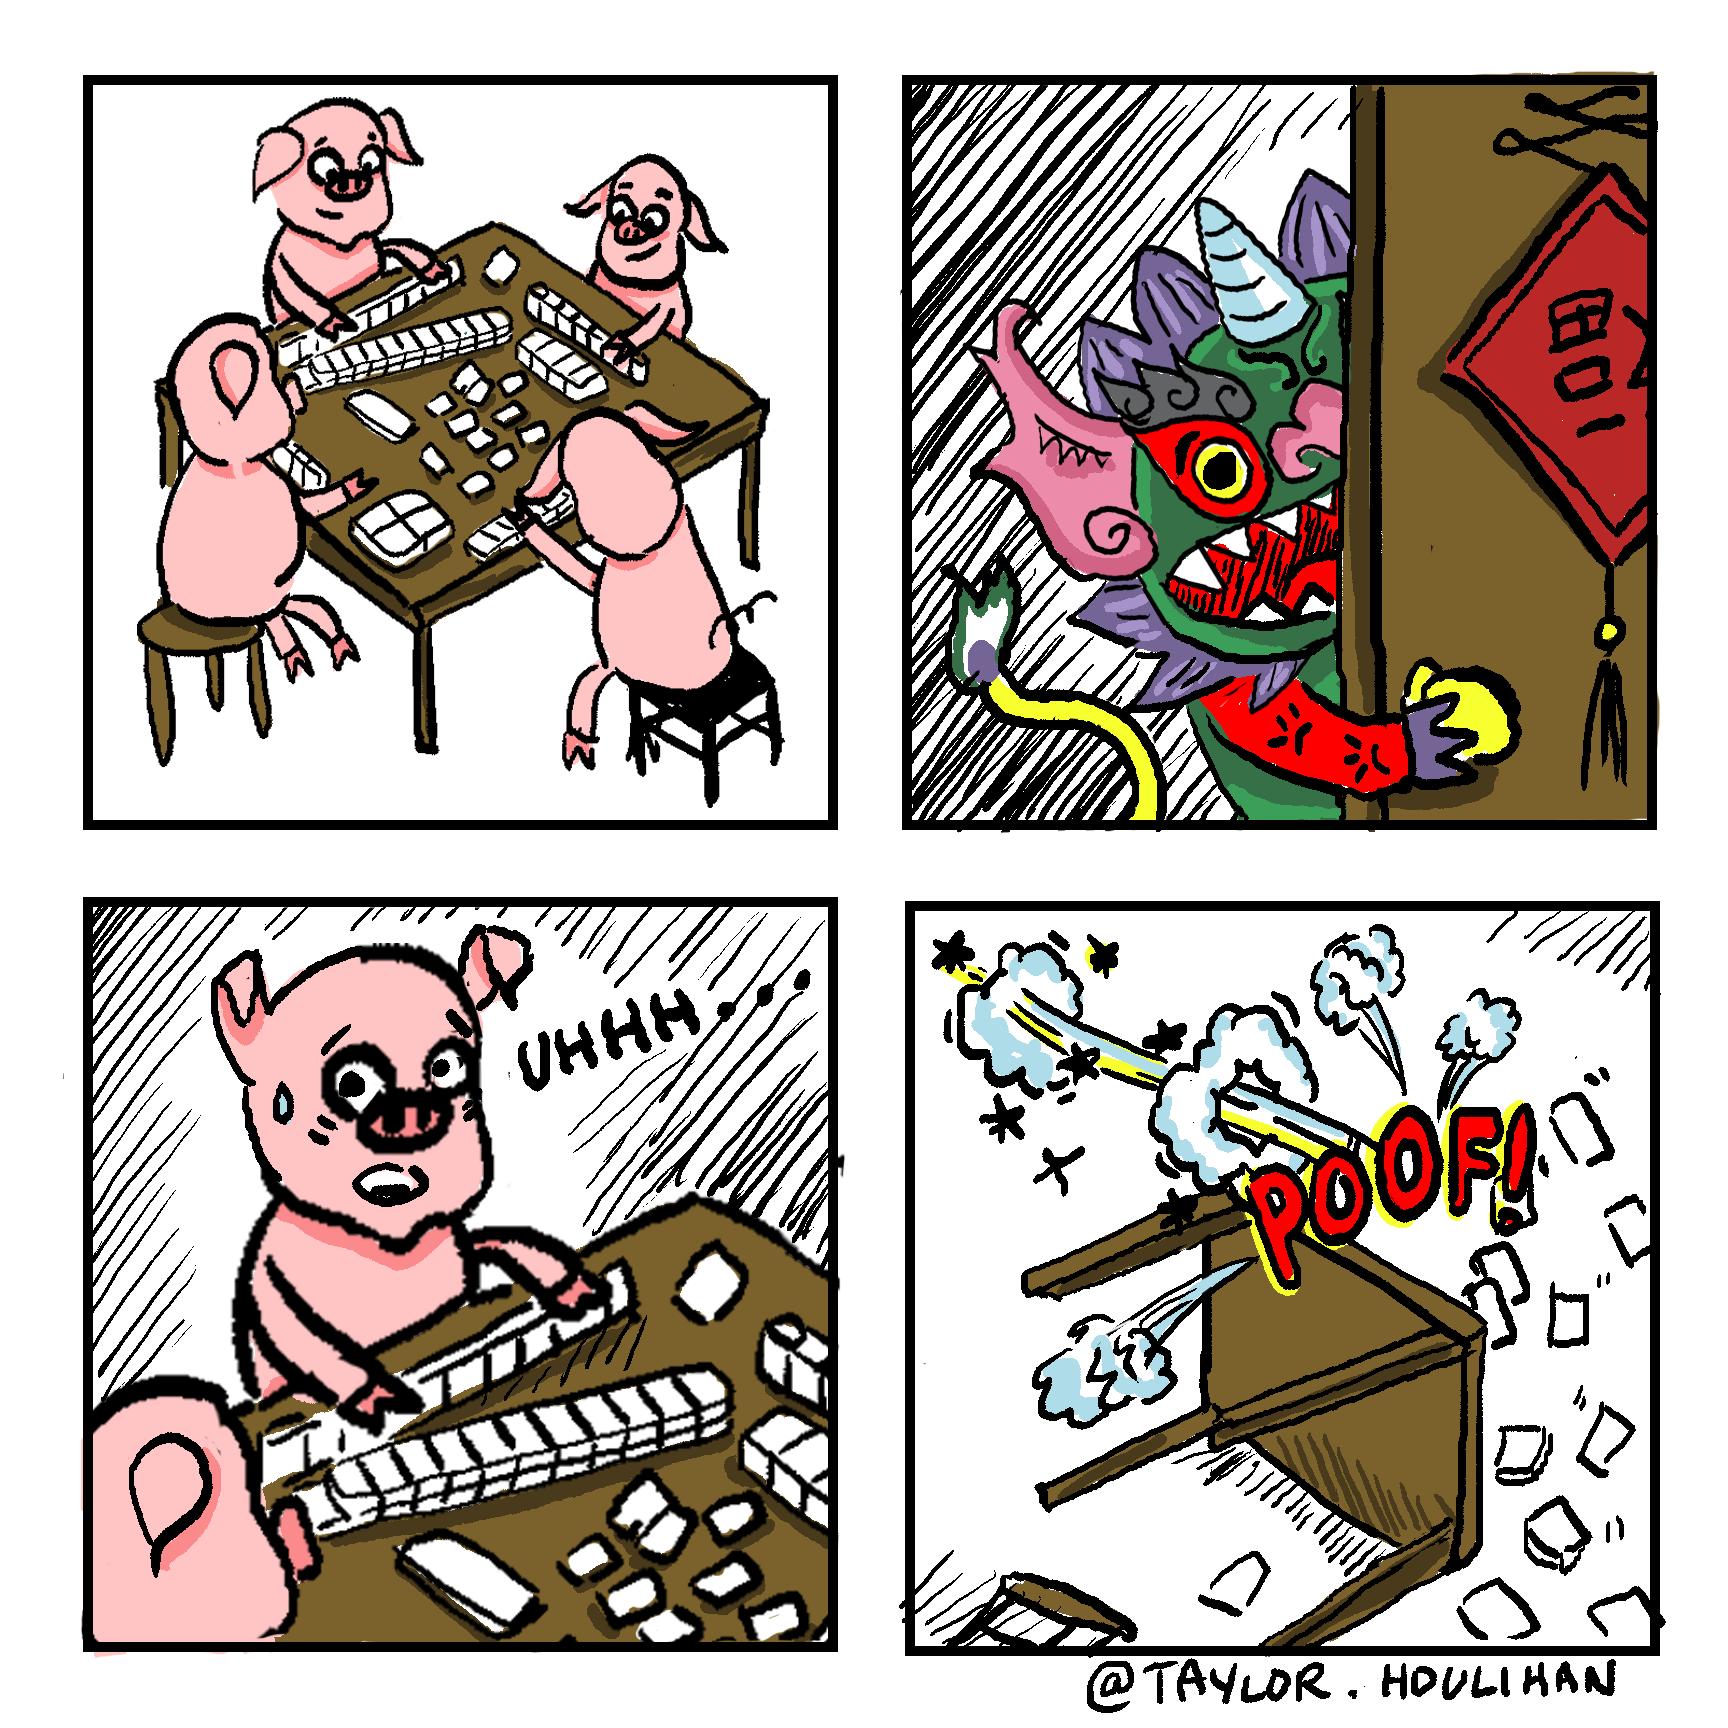 chinesenewyearcomics_3.png